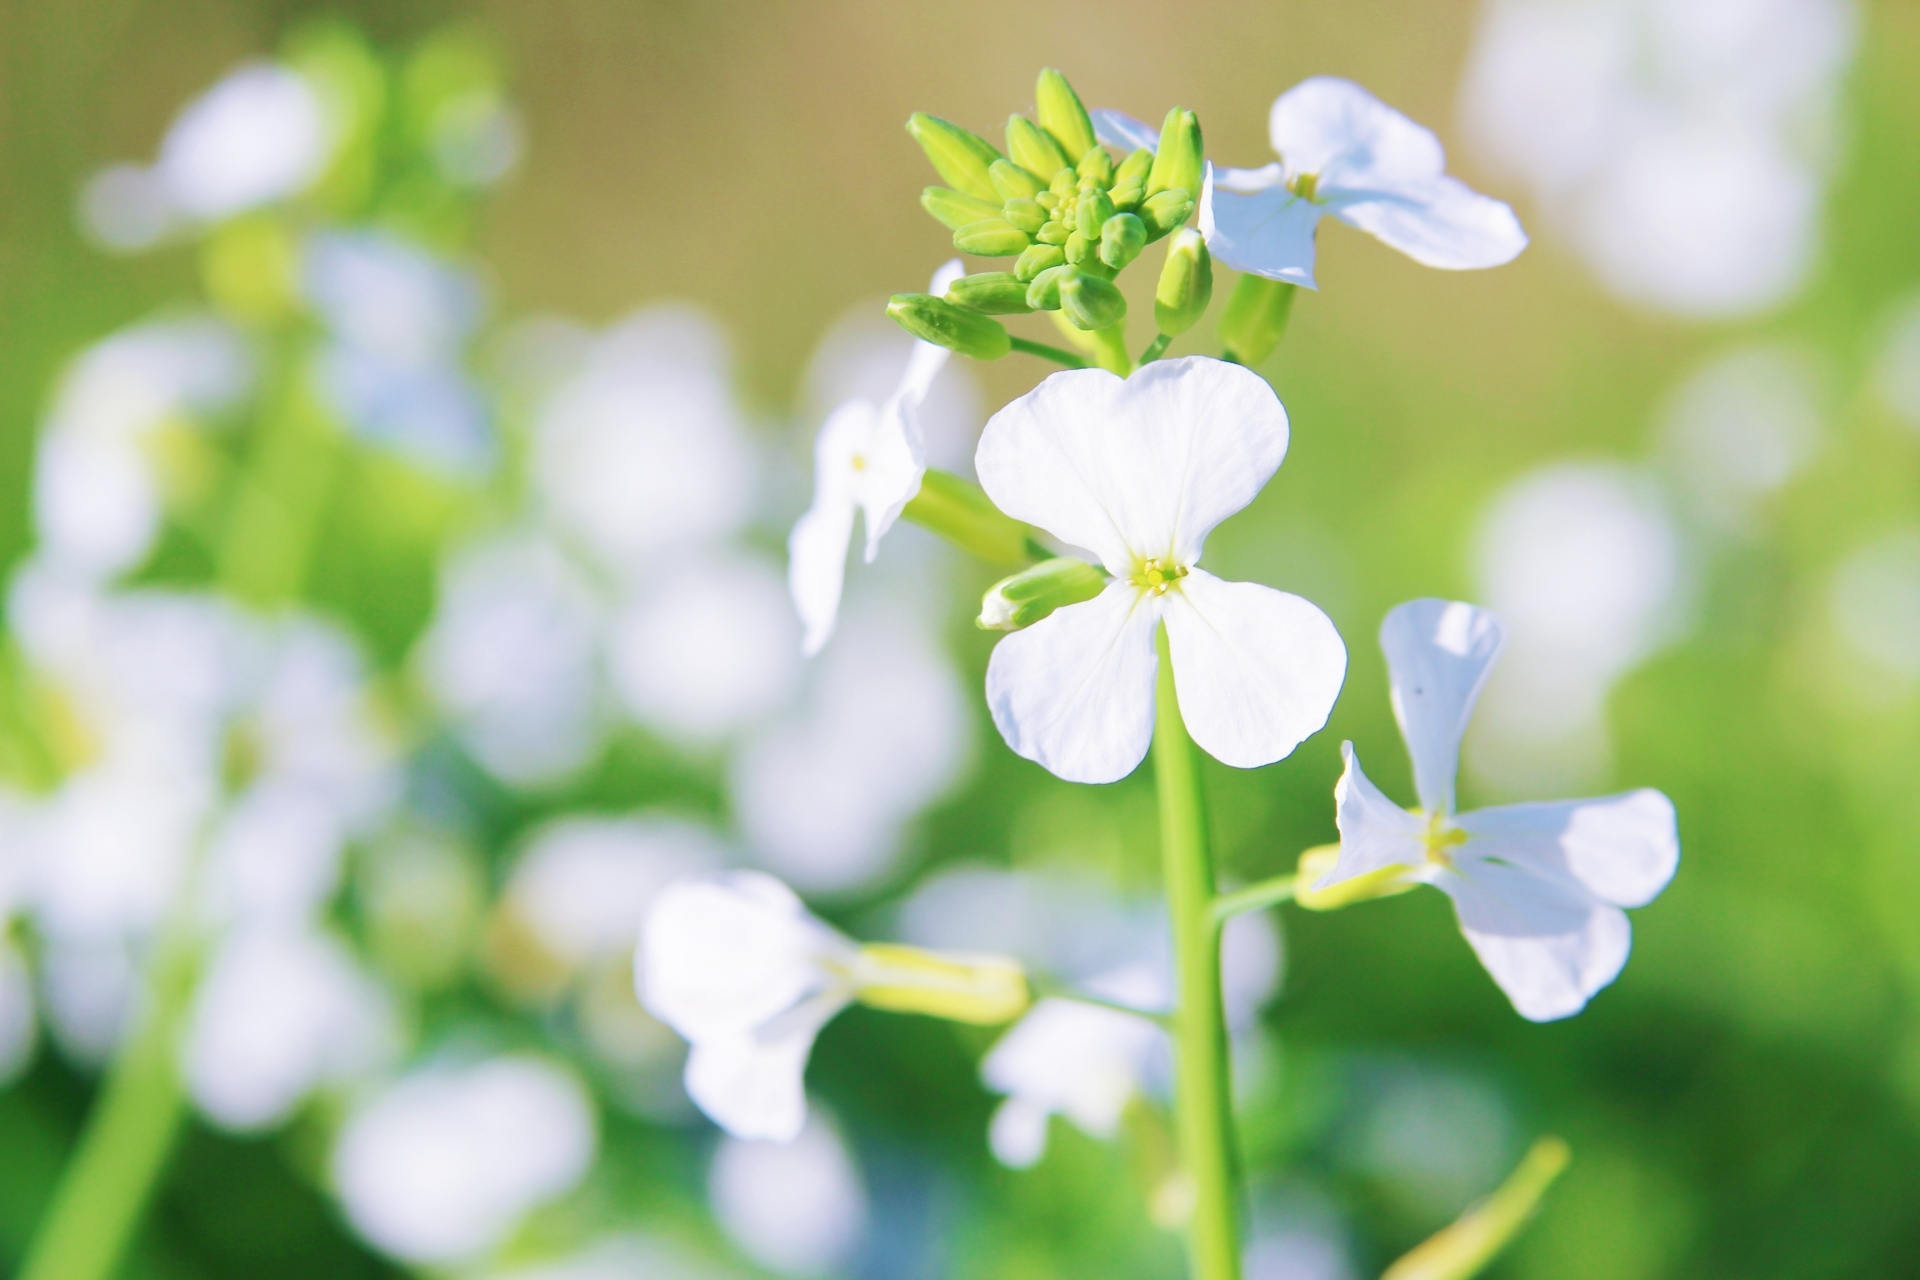 大根の花とは?その特徴や花言葉・開花時期をご紹介!食べられる?